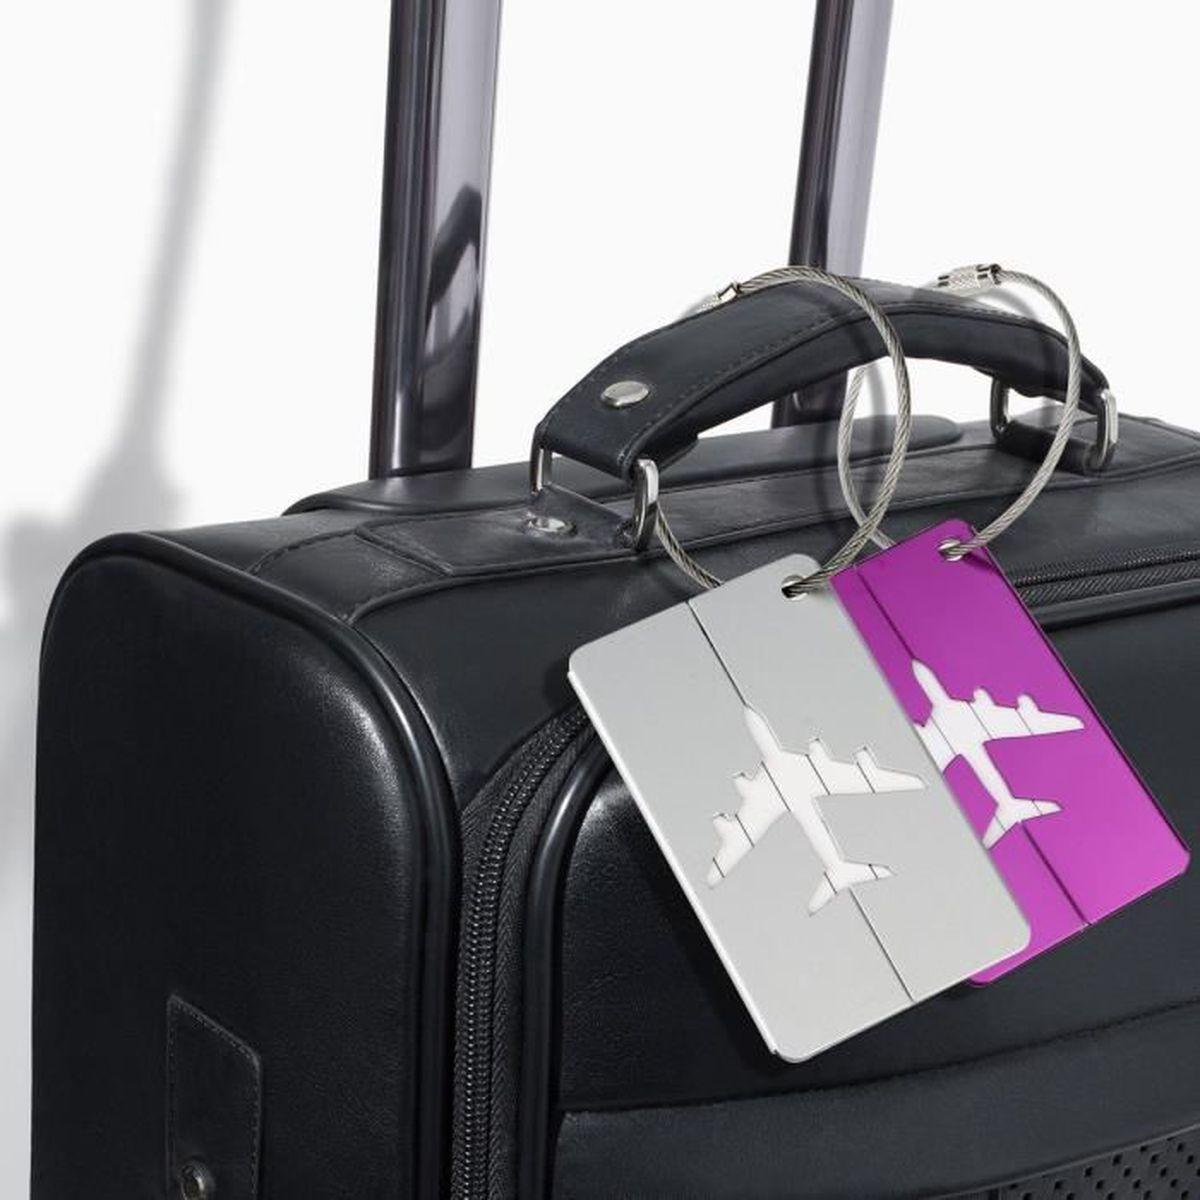 d43e0cbe8a Étiquette classement MKISHINE® Bagages Étiquettes,7 couleurs aluminium